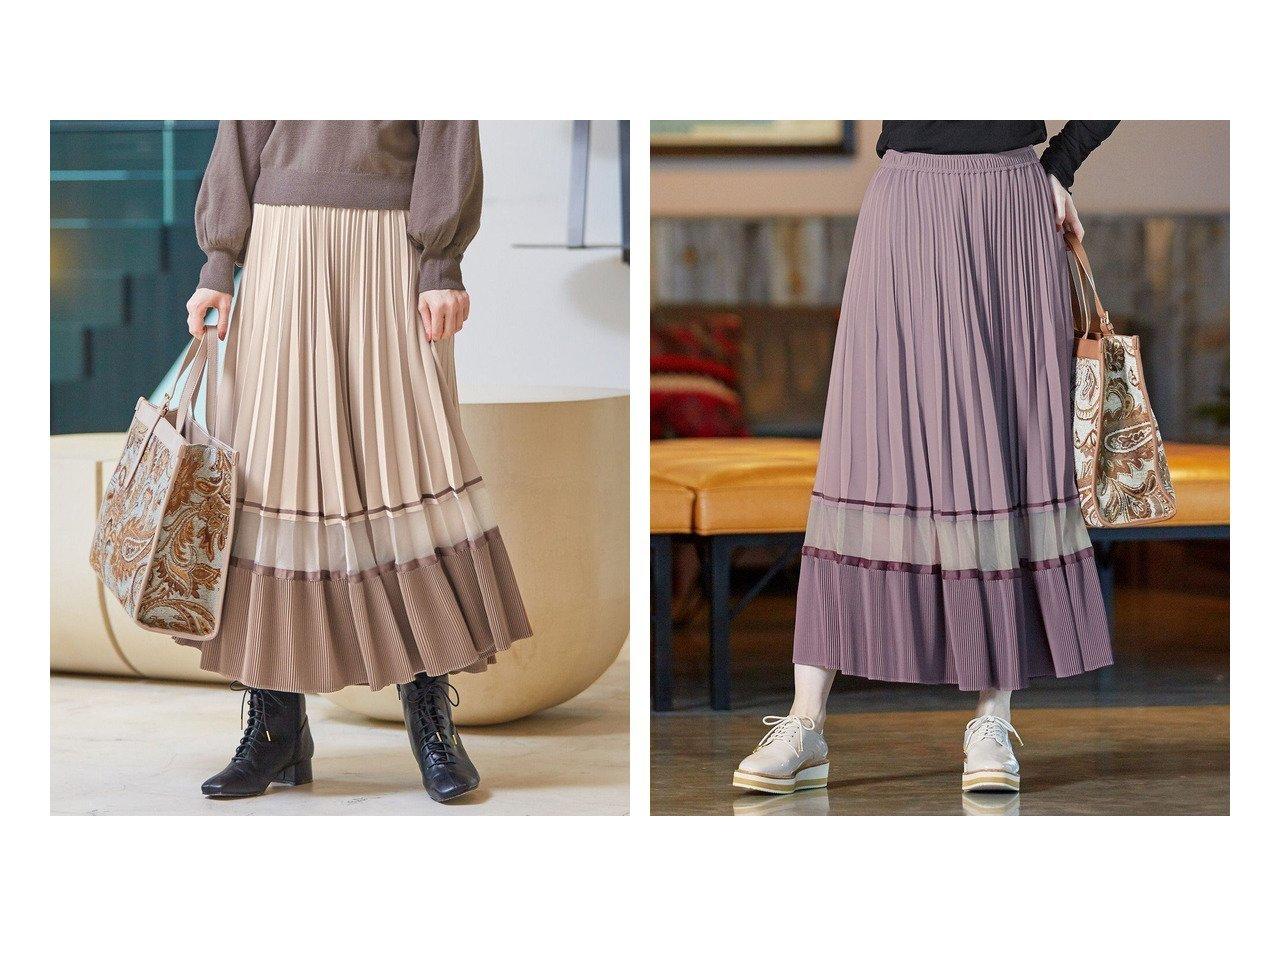 【Feroux/フェルゥ】の【洗える】Nobleプリーツ スカート 【スカート】おすすめ!人気、トレンド・レディースファッションの通販 おすすめで人気の流行・トレンド、ファッションの通販商品 インテリア・家具・メンズファッション・キッズファッション・レディースファッション・服の通販 founy(ファニー) https://founy.com/ ファッション Fashion レディースファッション WOMEN スカート Skirt プリーツスカート Pleated Skirts 送料無料 Free Shipping オーガンジー クリスタル コンビ スウェット パウダー プリーツ 洗える  ID:crp329100000068581